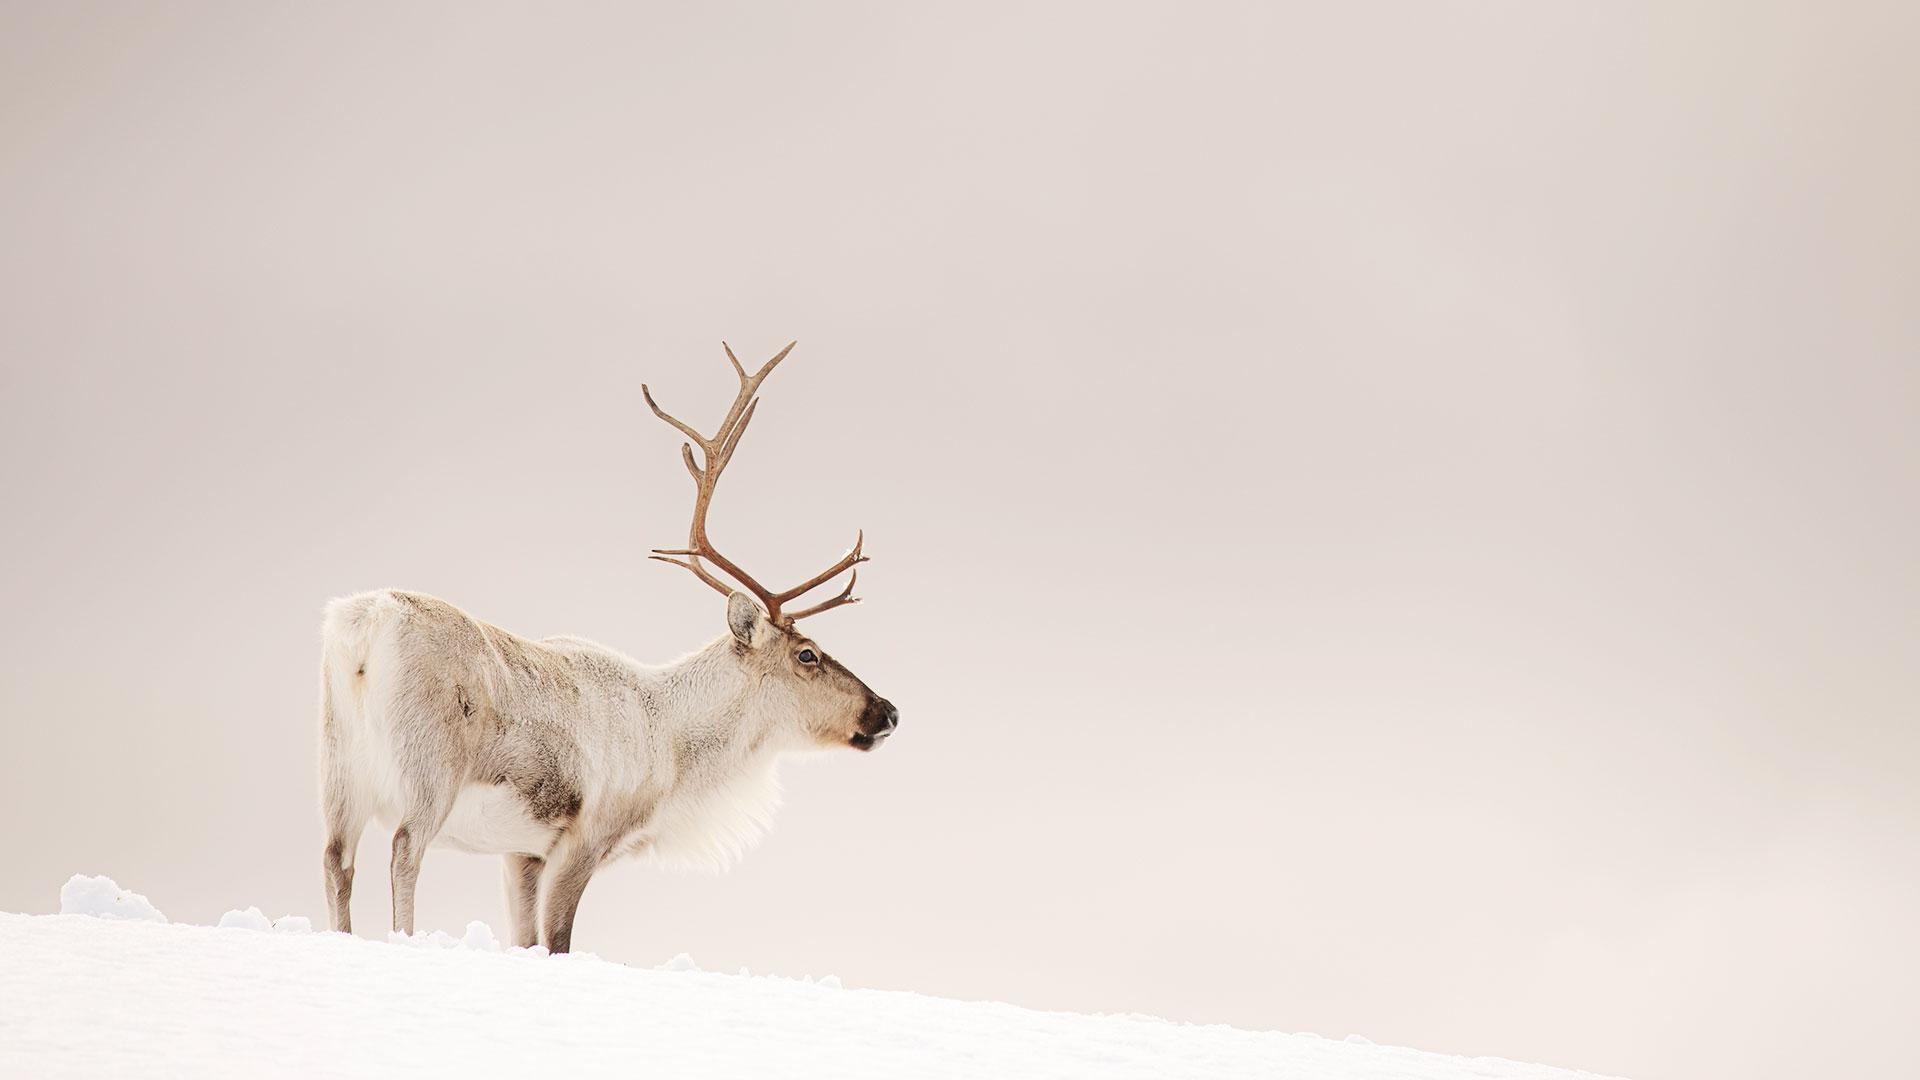 Wild reindeer.